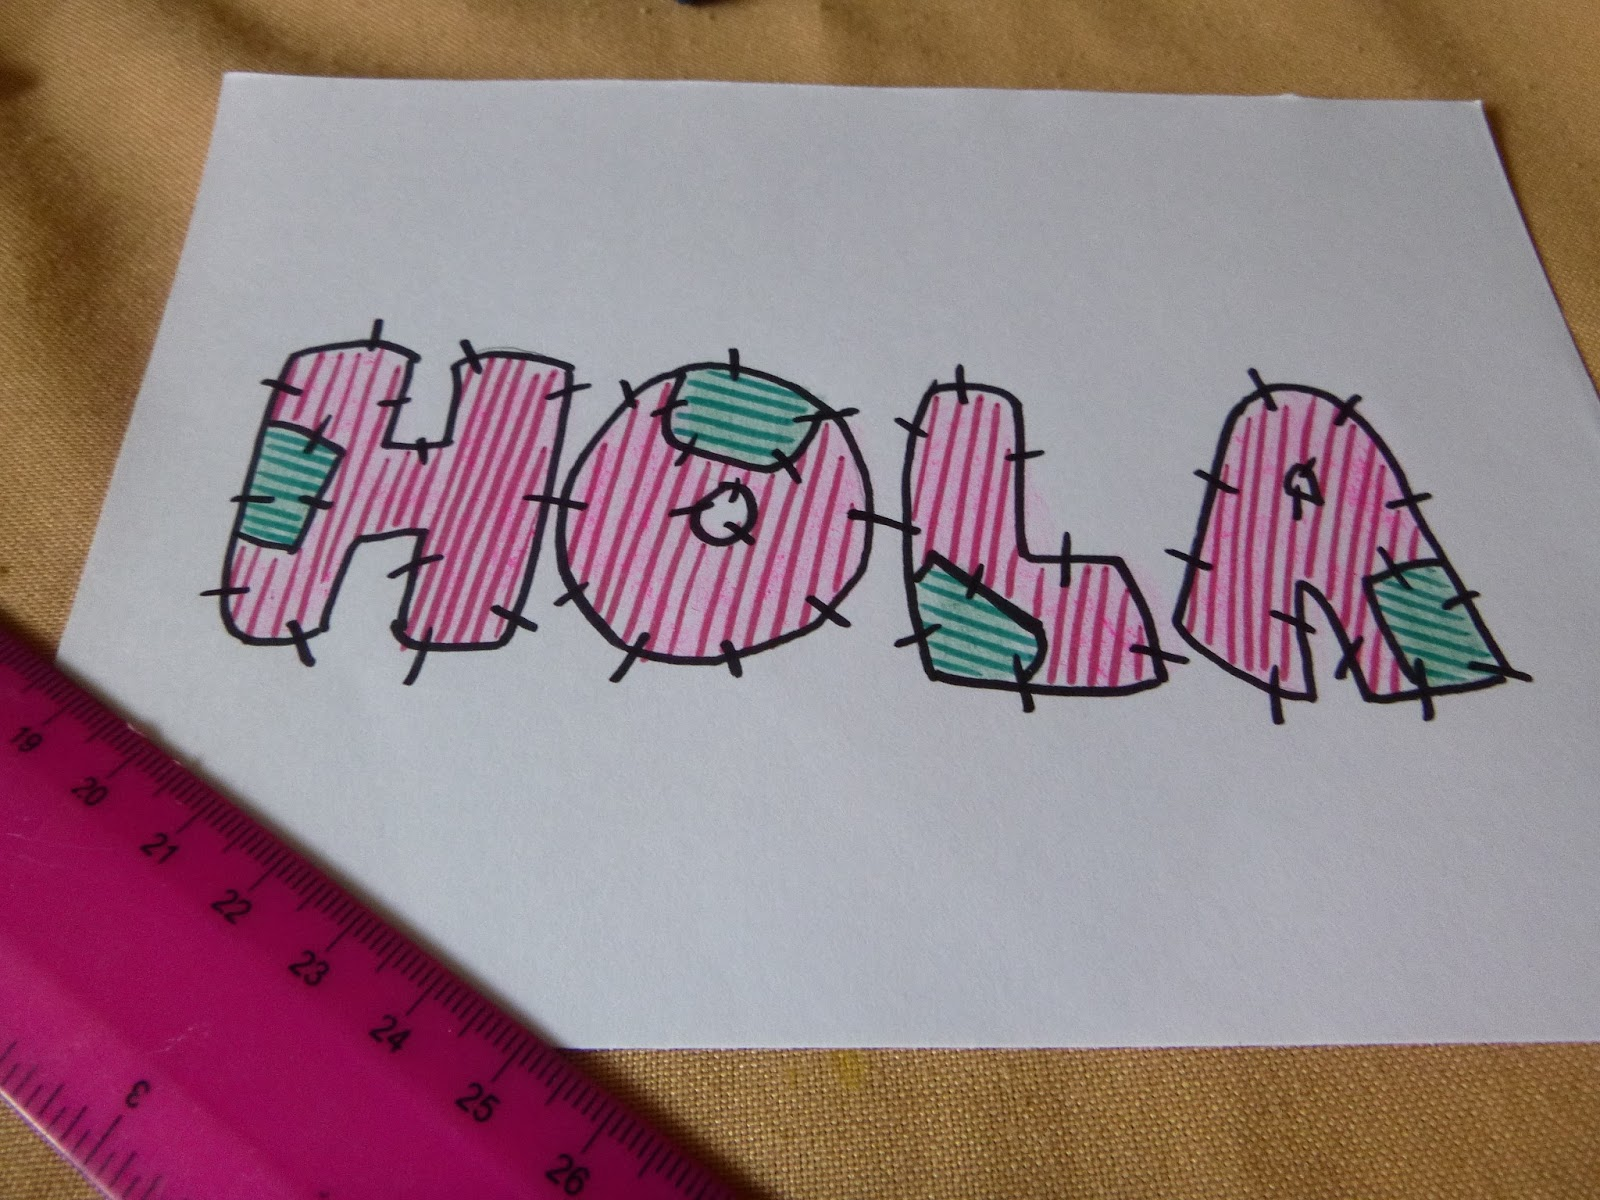 C mo decorar letras manitas creativas - Letras home decoracion ...